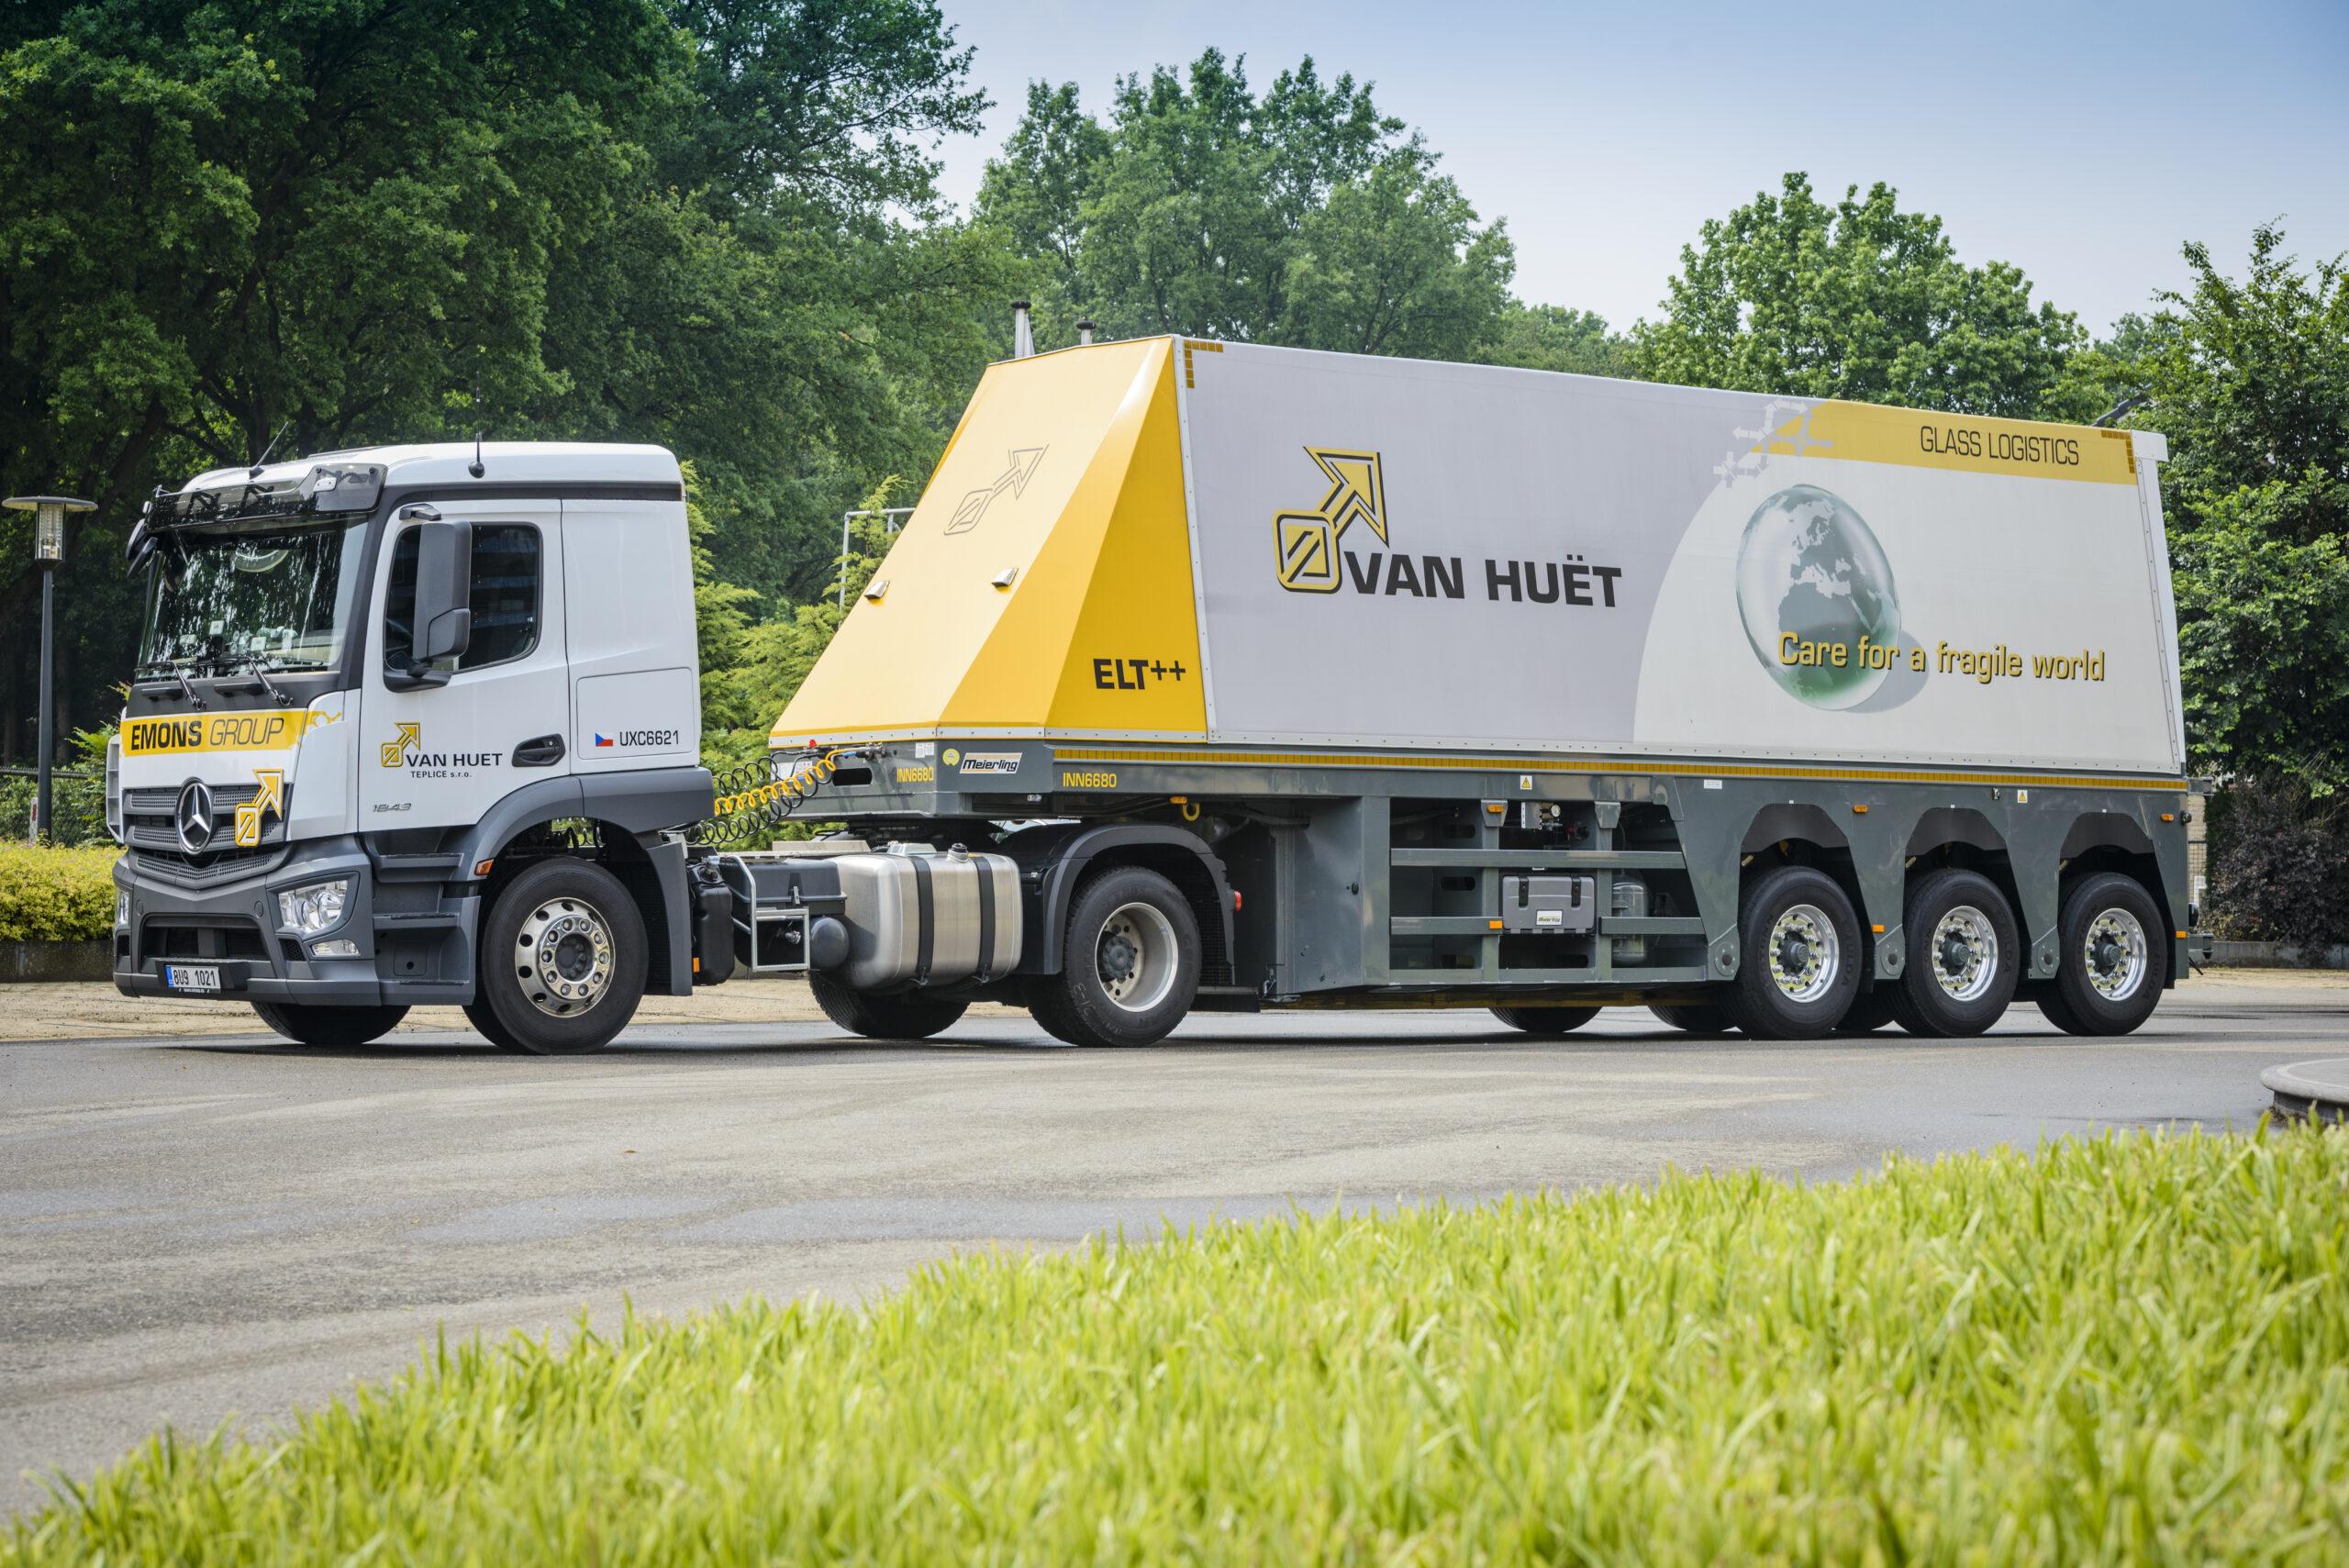 Afbeelding van glass logistics